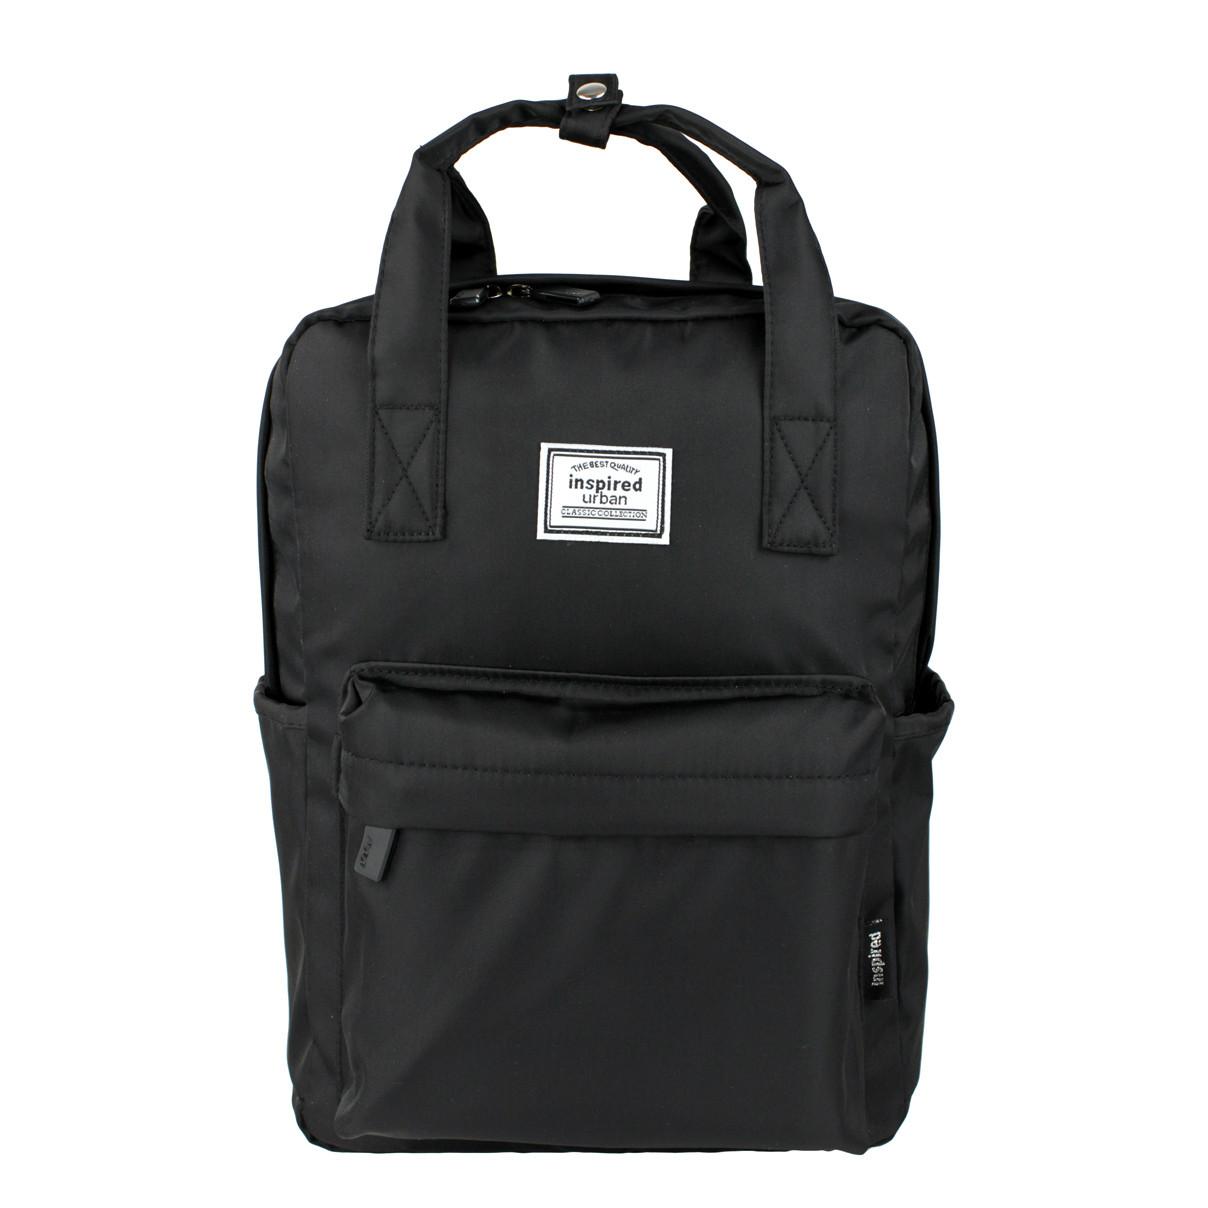 Рюкзак-сумка городской молодежный тканевый Inspired черный